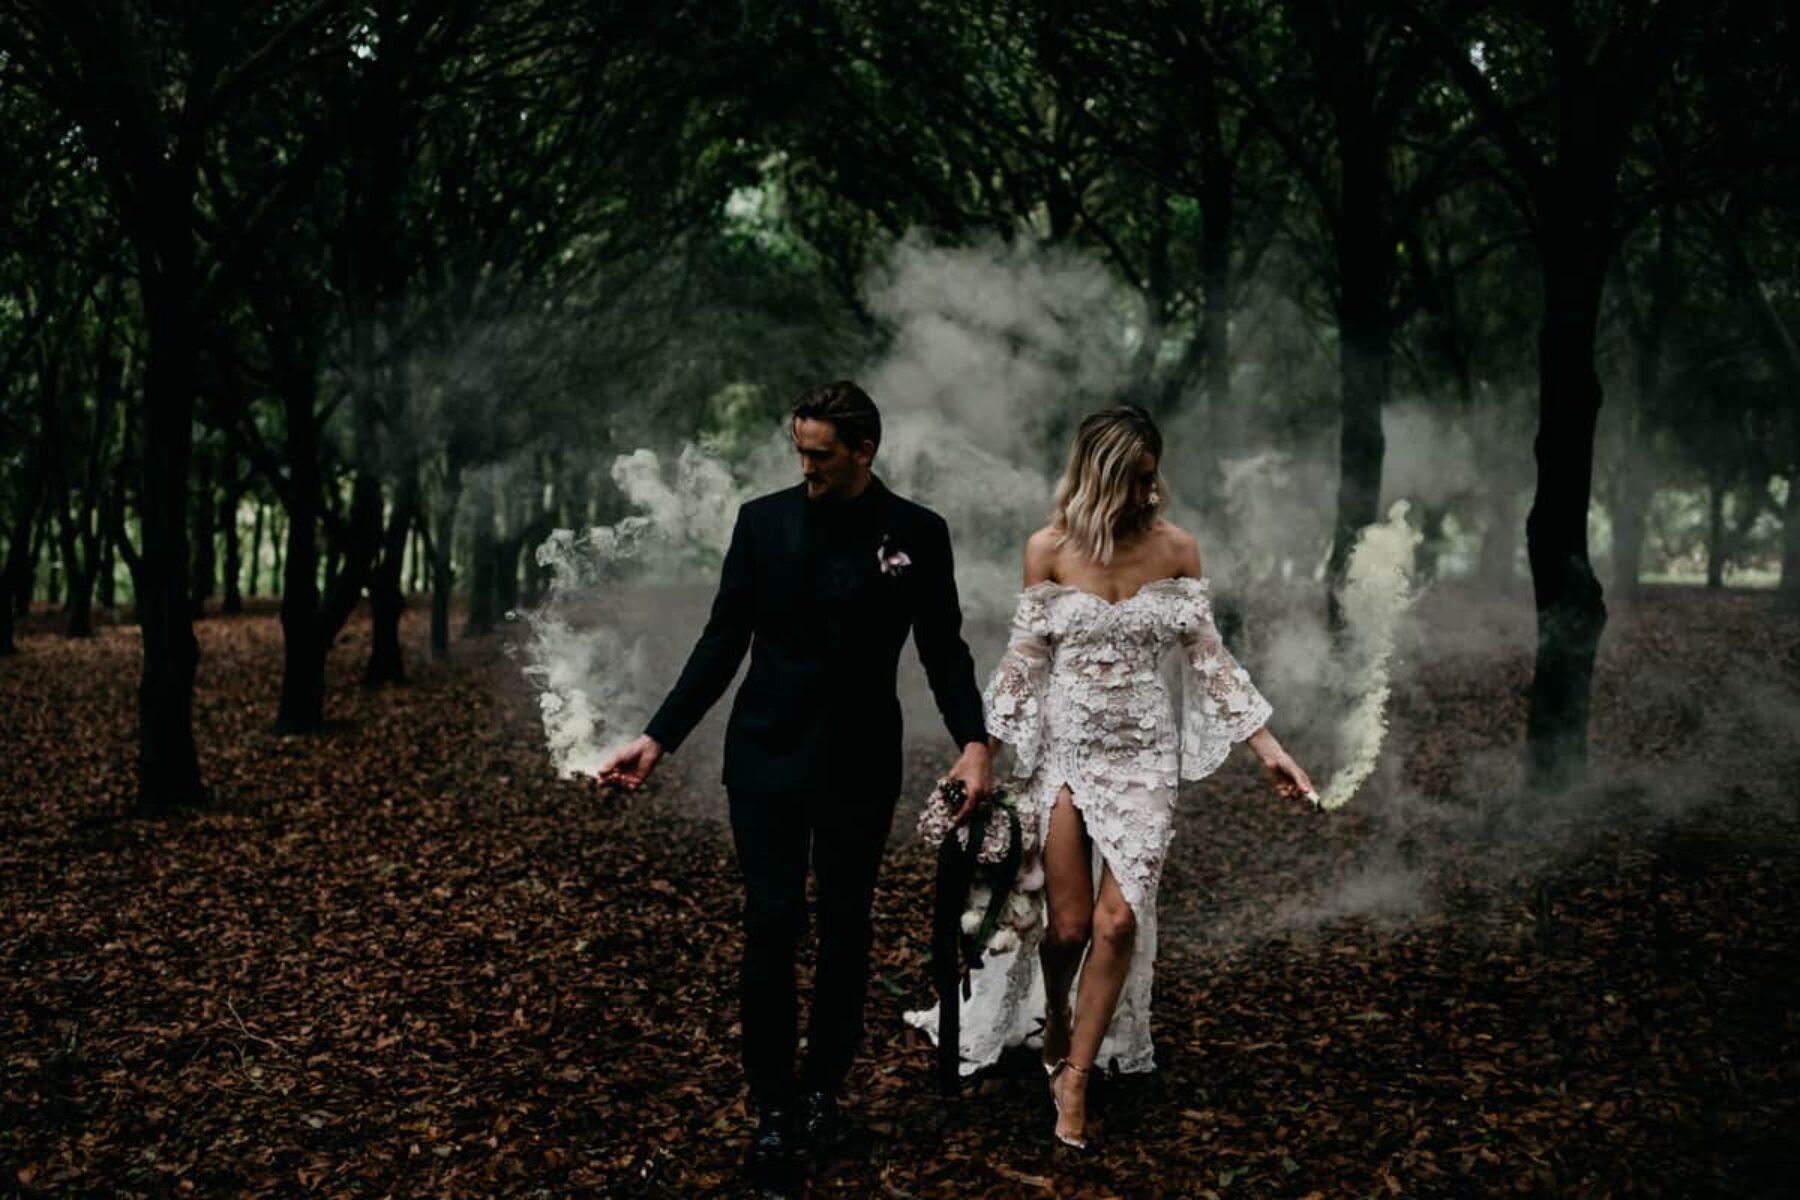 moody wedding photography with smoke bombs